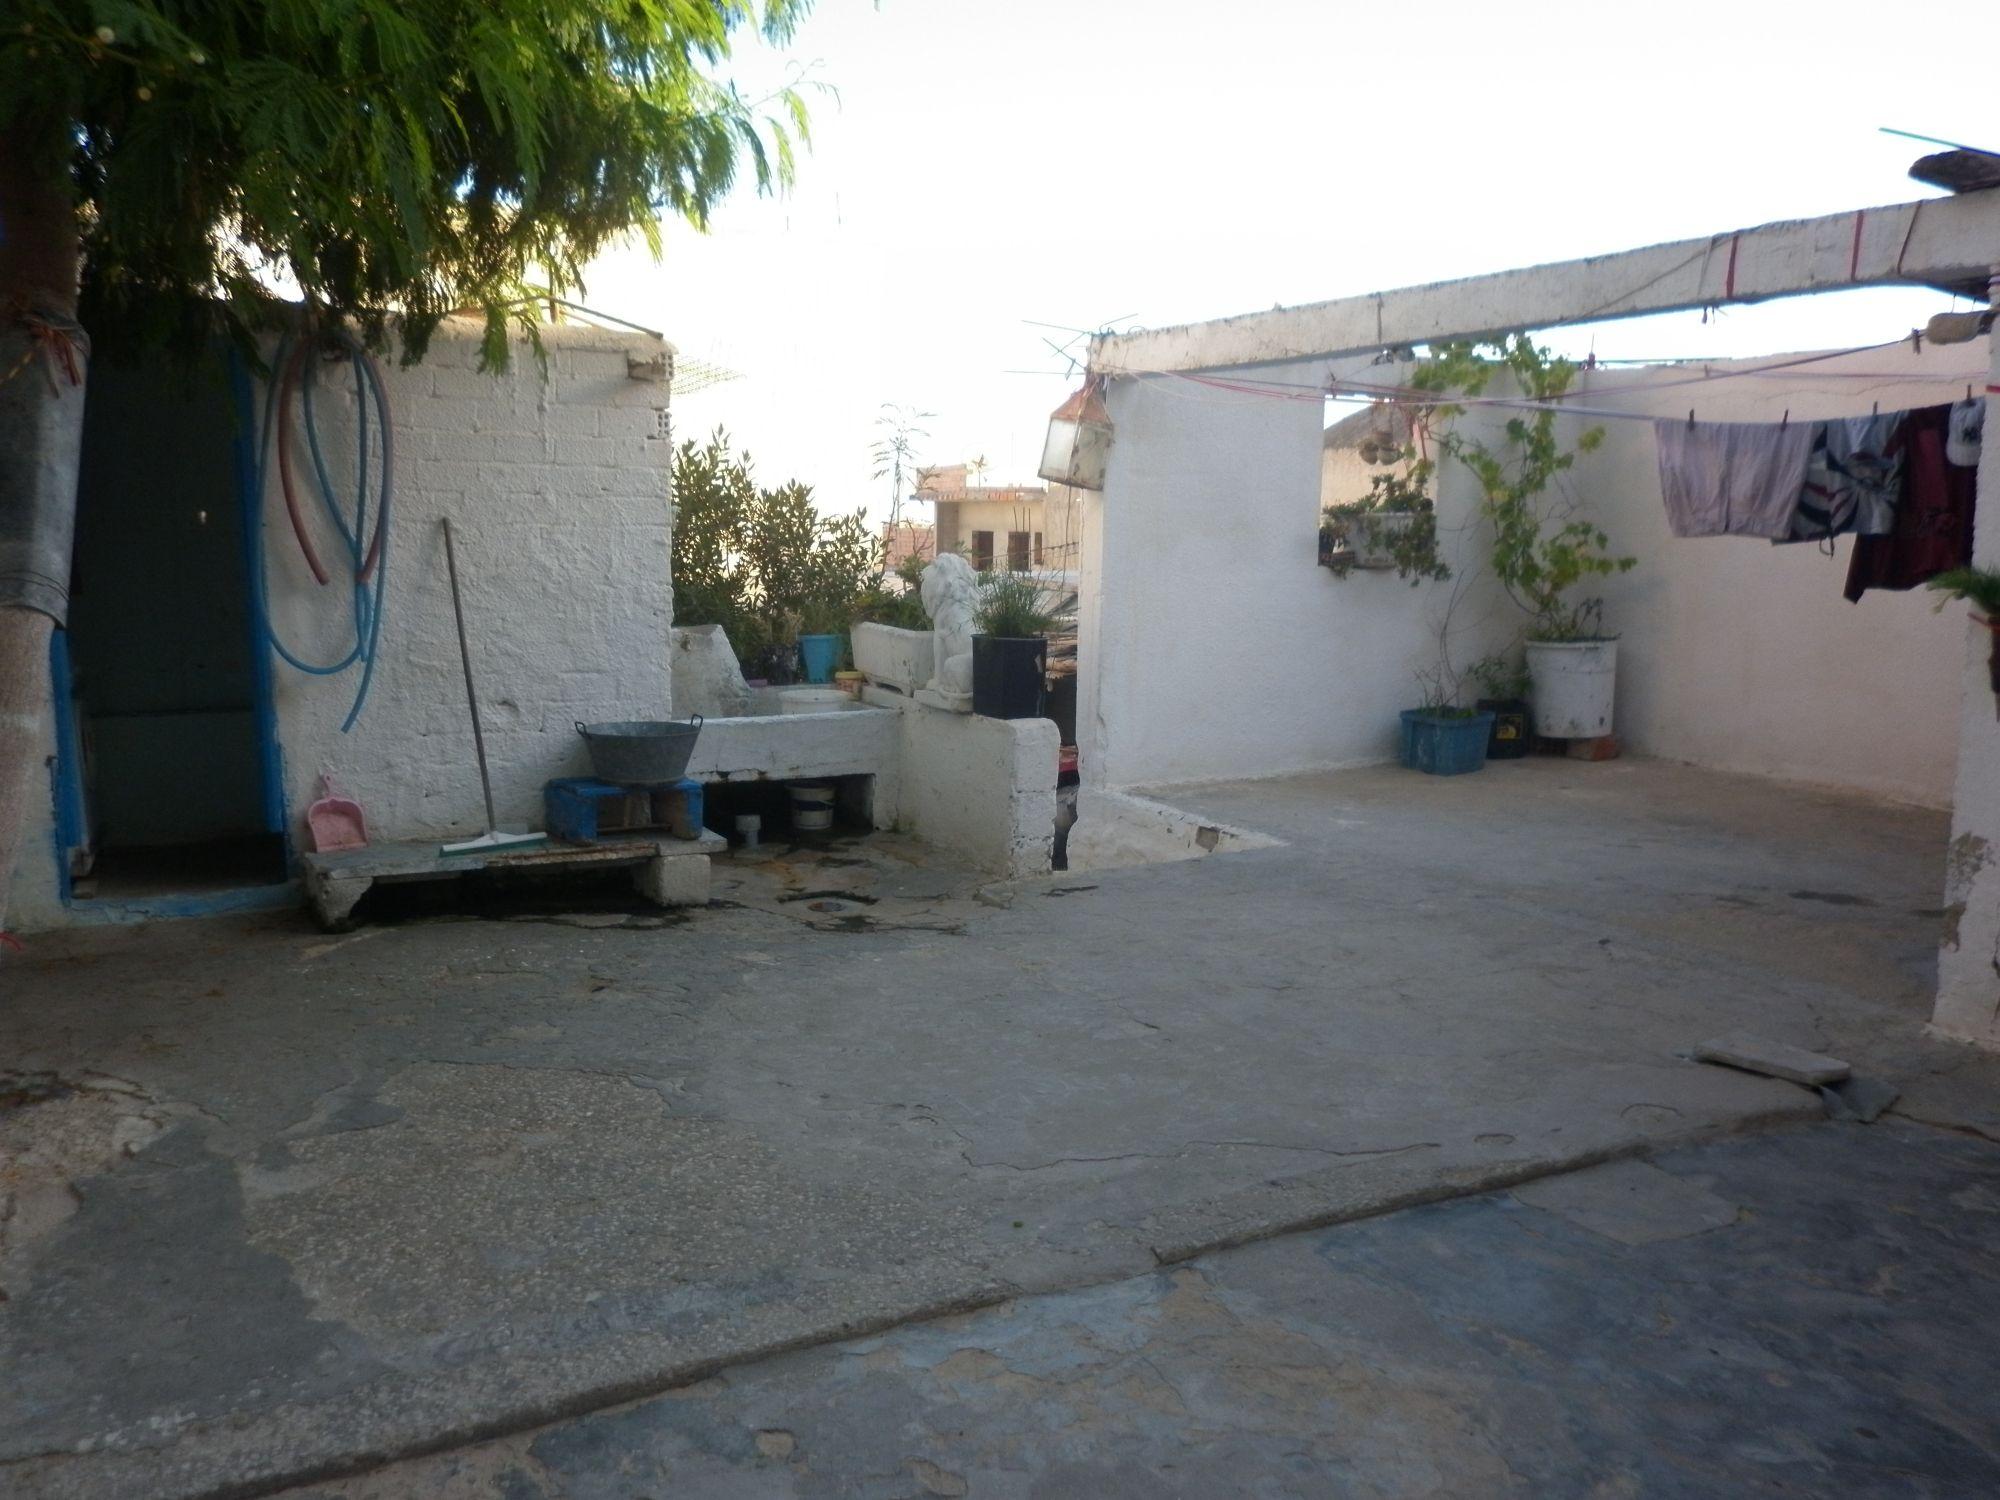 Av maison arabe à hammamet nord